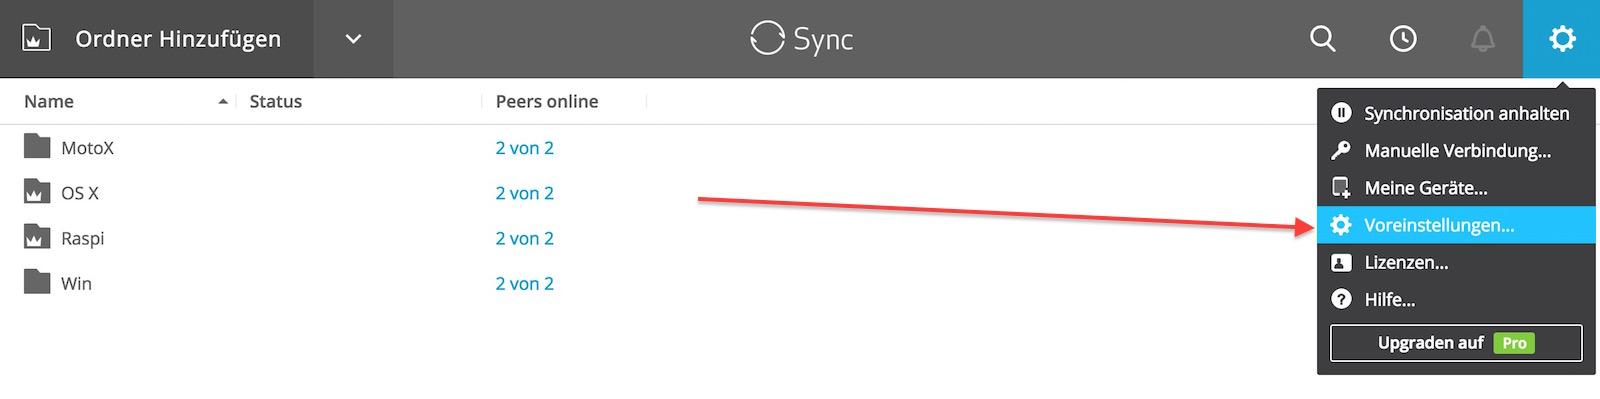 Resilio Sync Voreinstellungen aufrufen